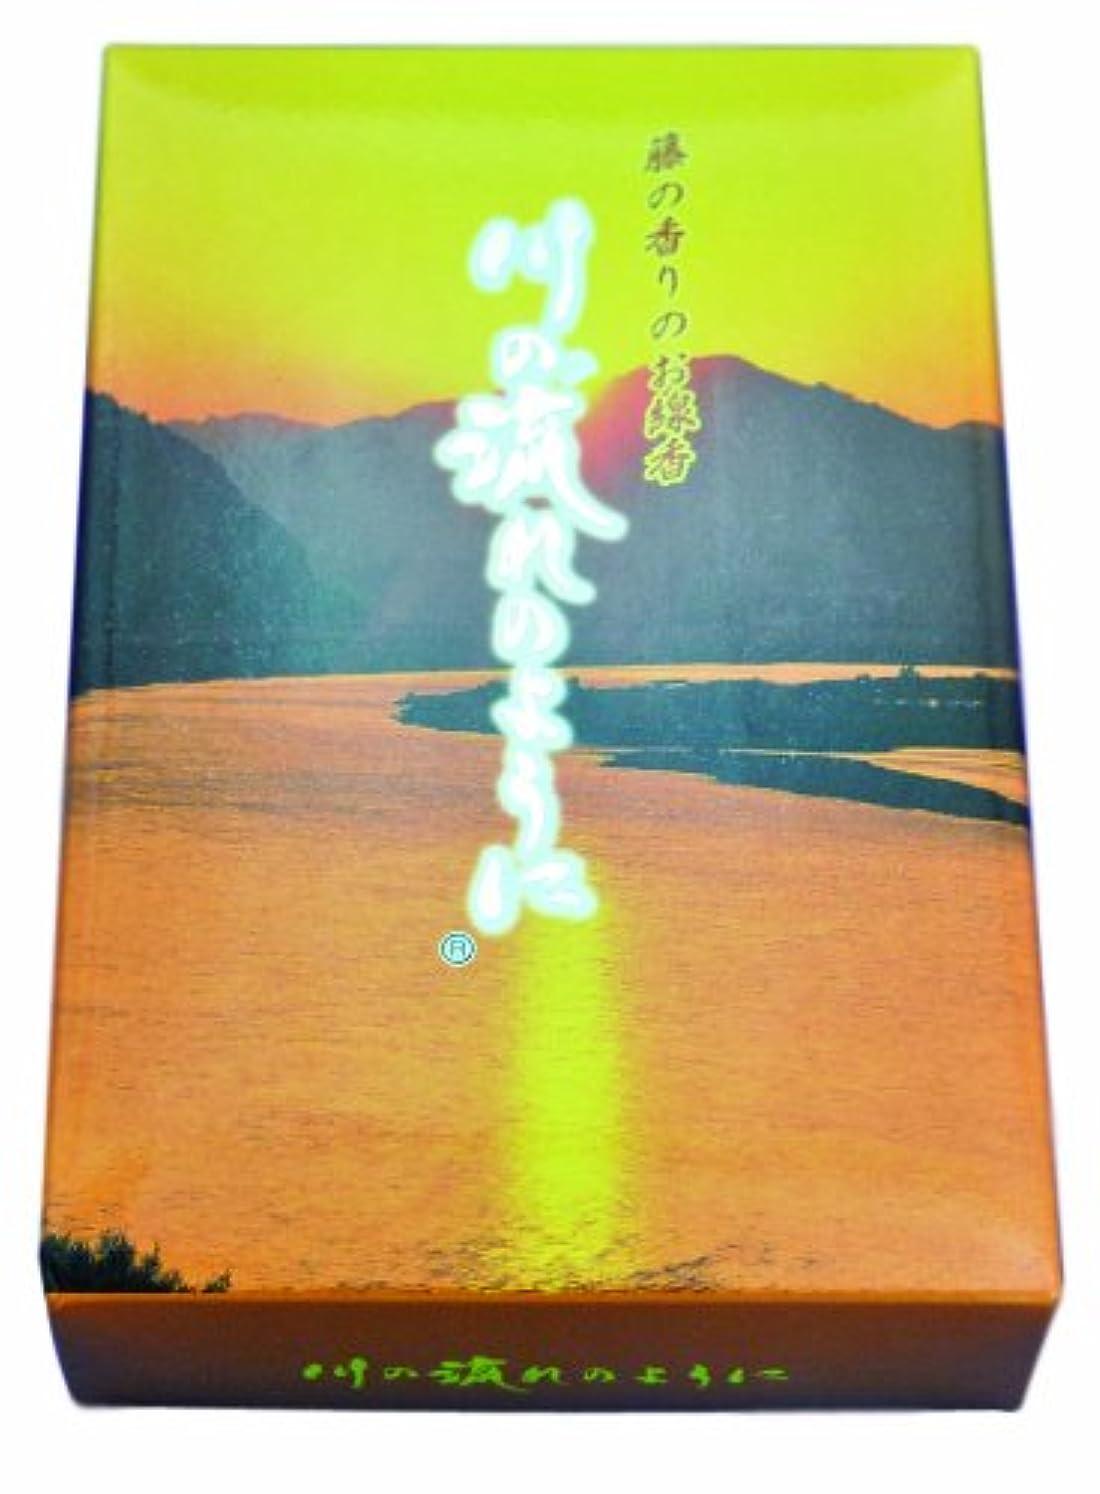 呼び出す肥料厚さお線香 川の流れのように藤の香り 約140g 煙少タイプ